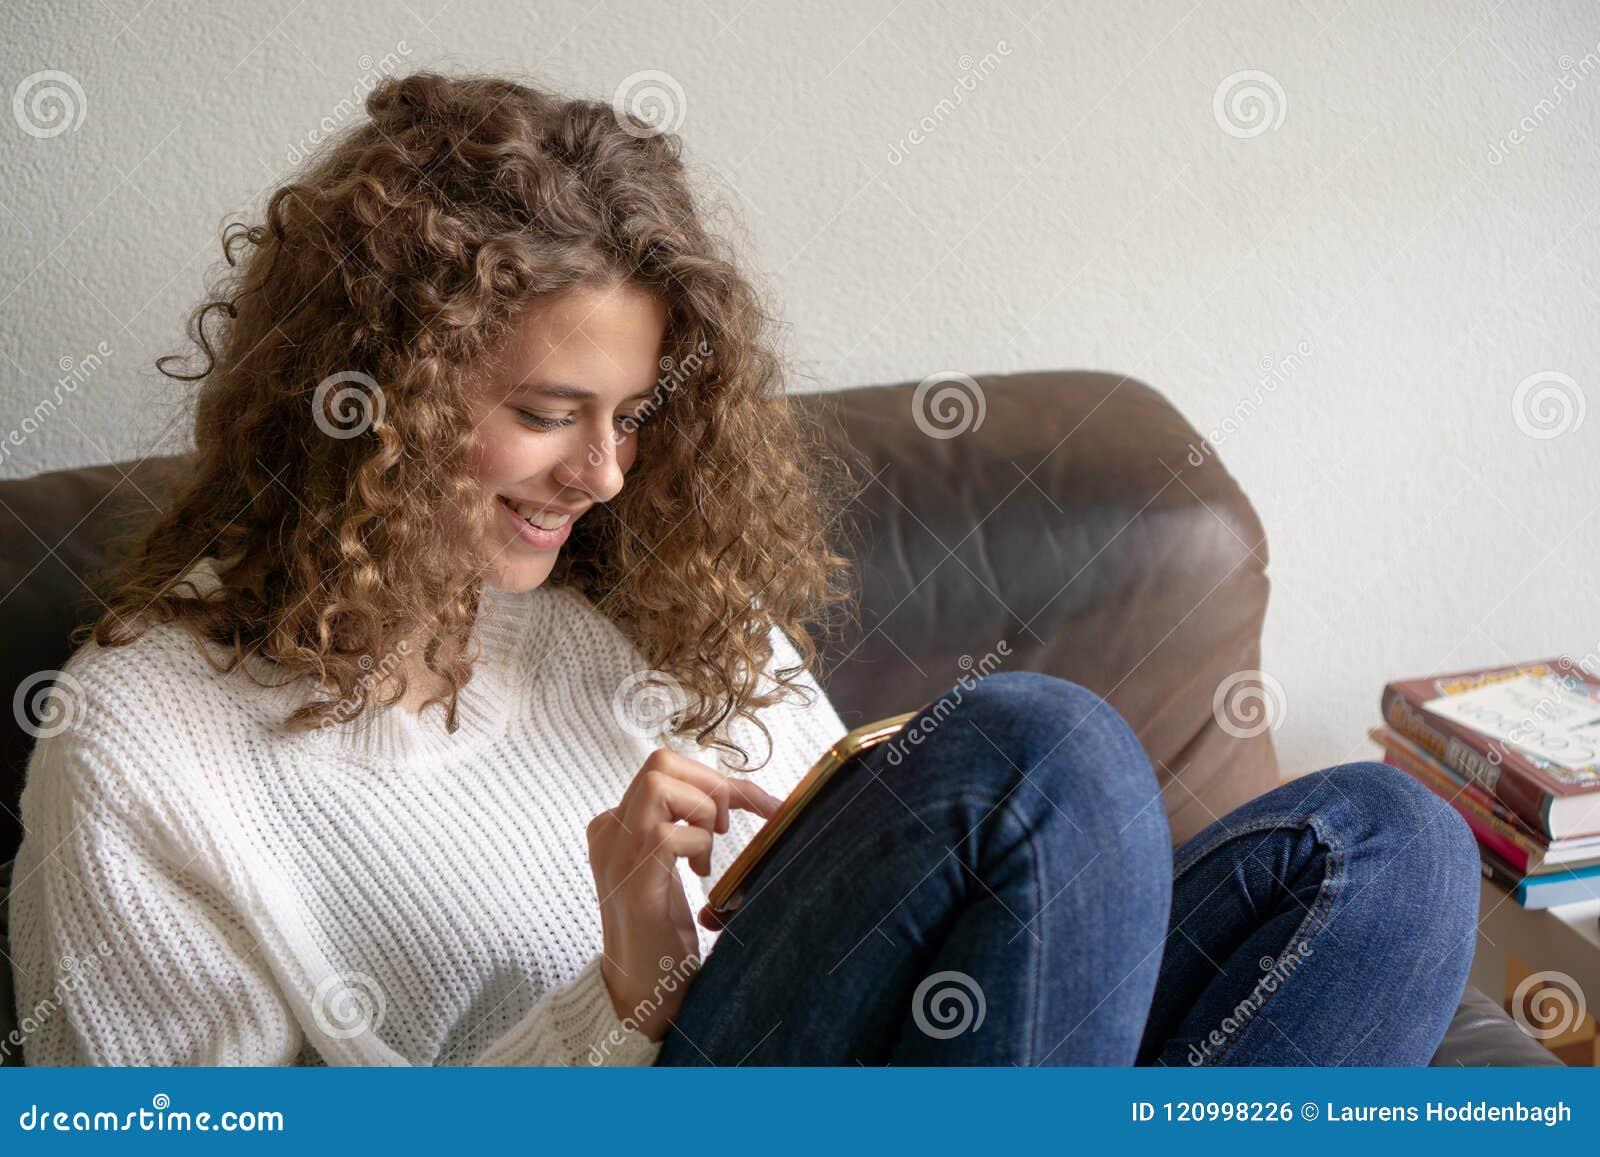 Θηλυκή συνεδρίαση εφήβων σε μια καρέκλα που είναι πολυάσχολη με το ψηφιακό π της